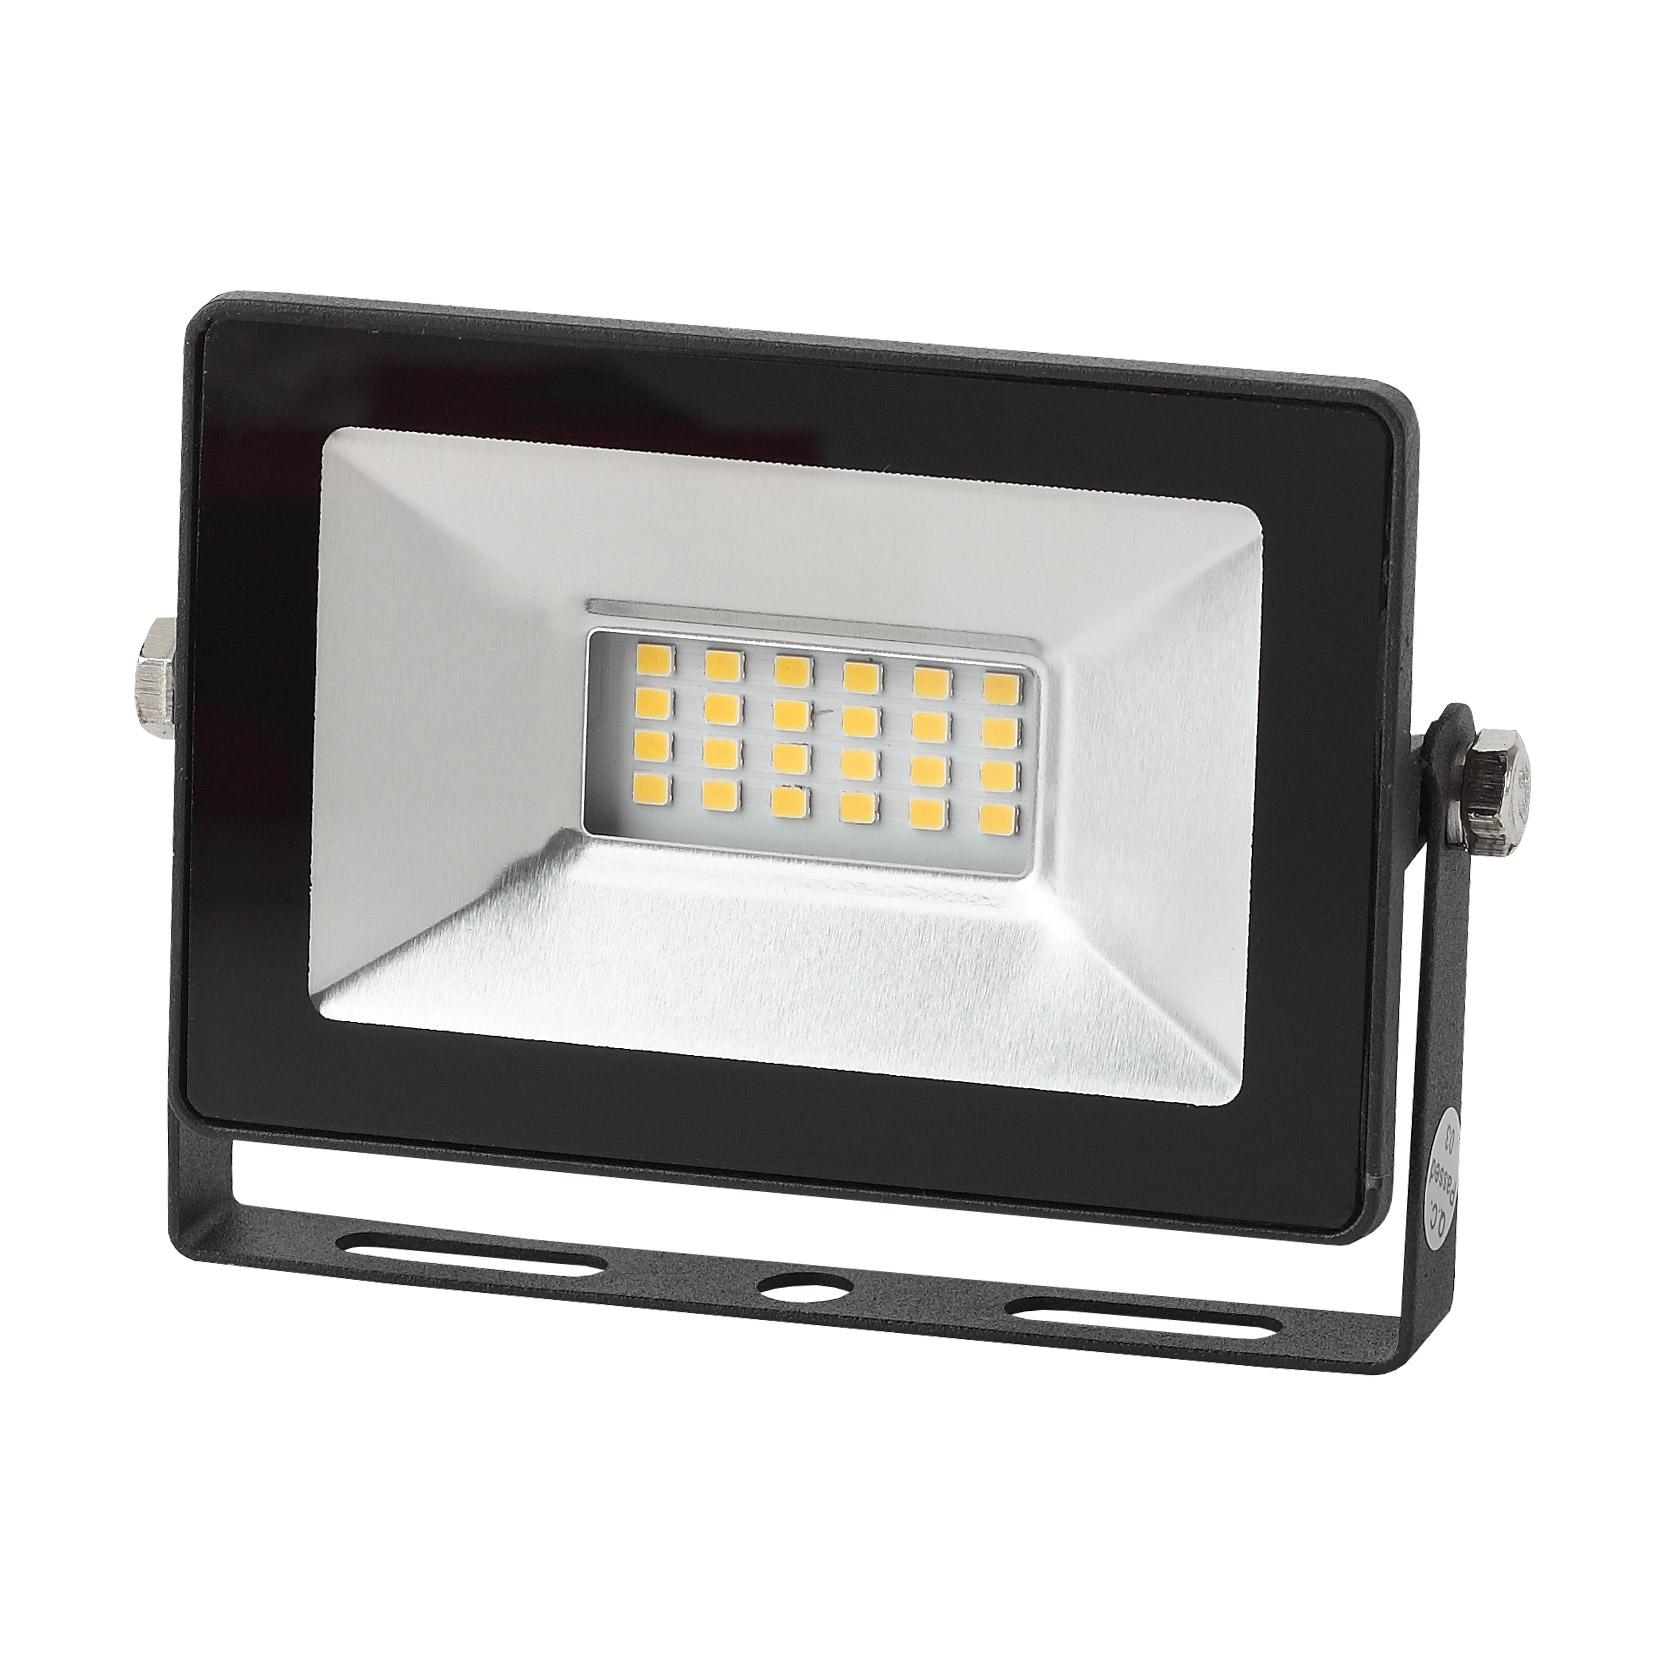 Фото - Прожектор ЭРА LPR-20-6500К SMD Eco Slim 20Вт 1800Лм 6500K 126х87 светодиодный прожектор эра lpr 30 6500k m smd б0017301